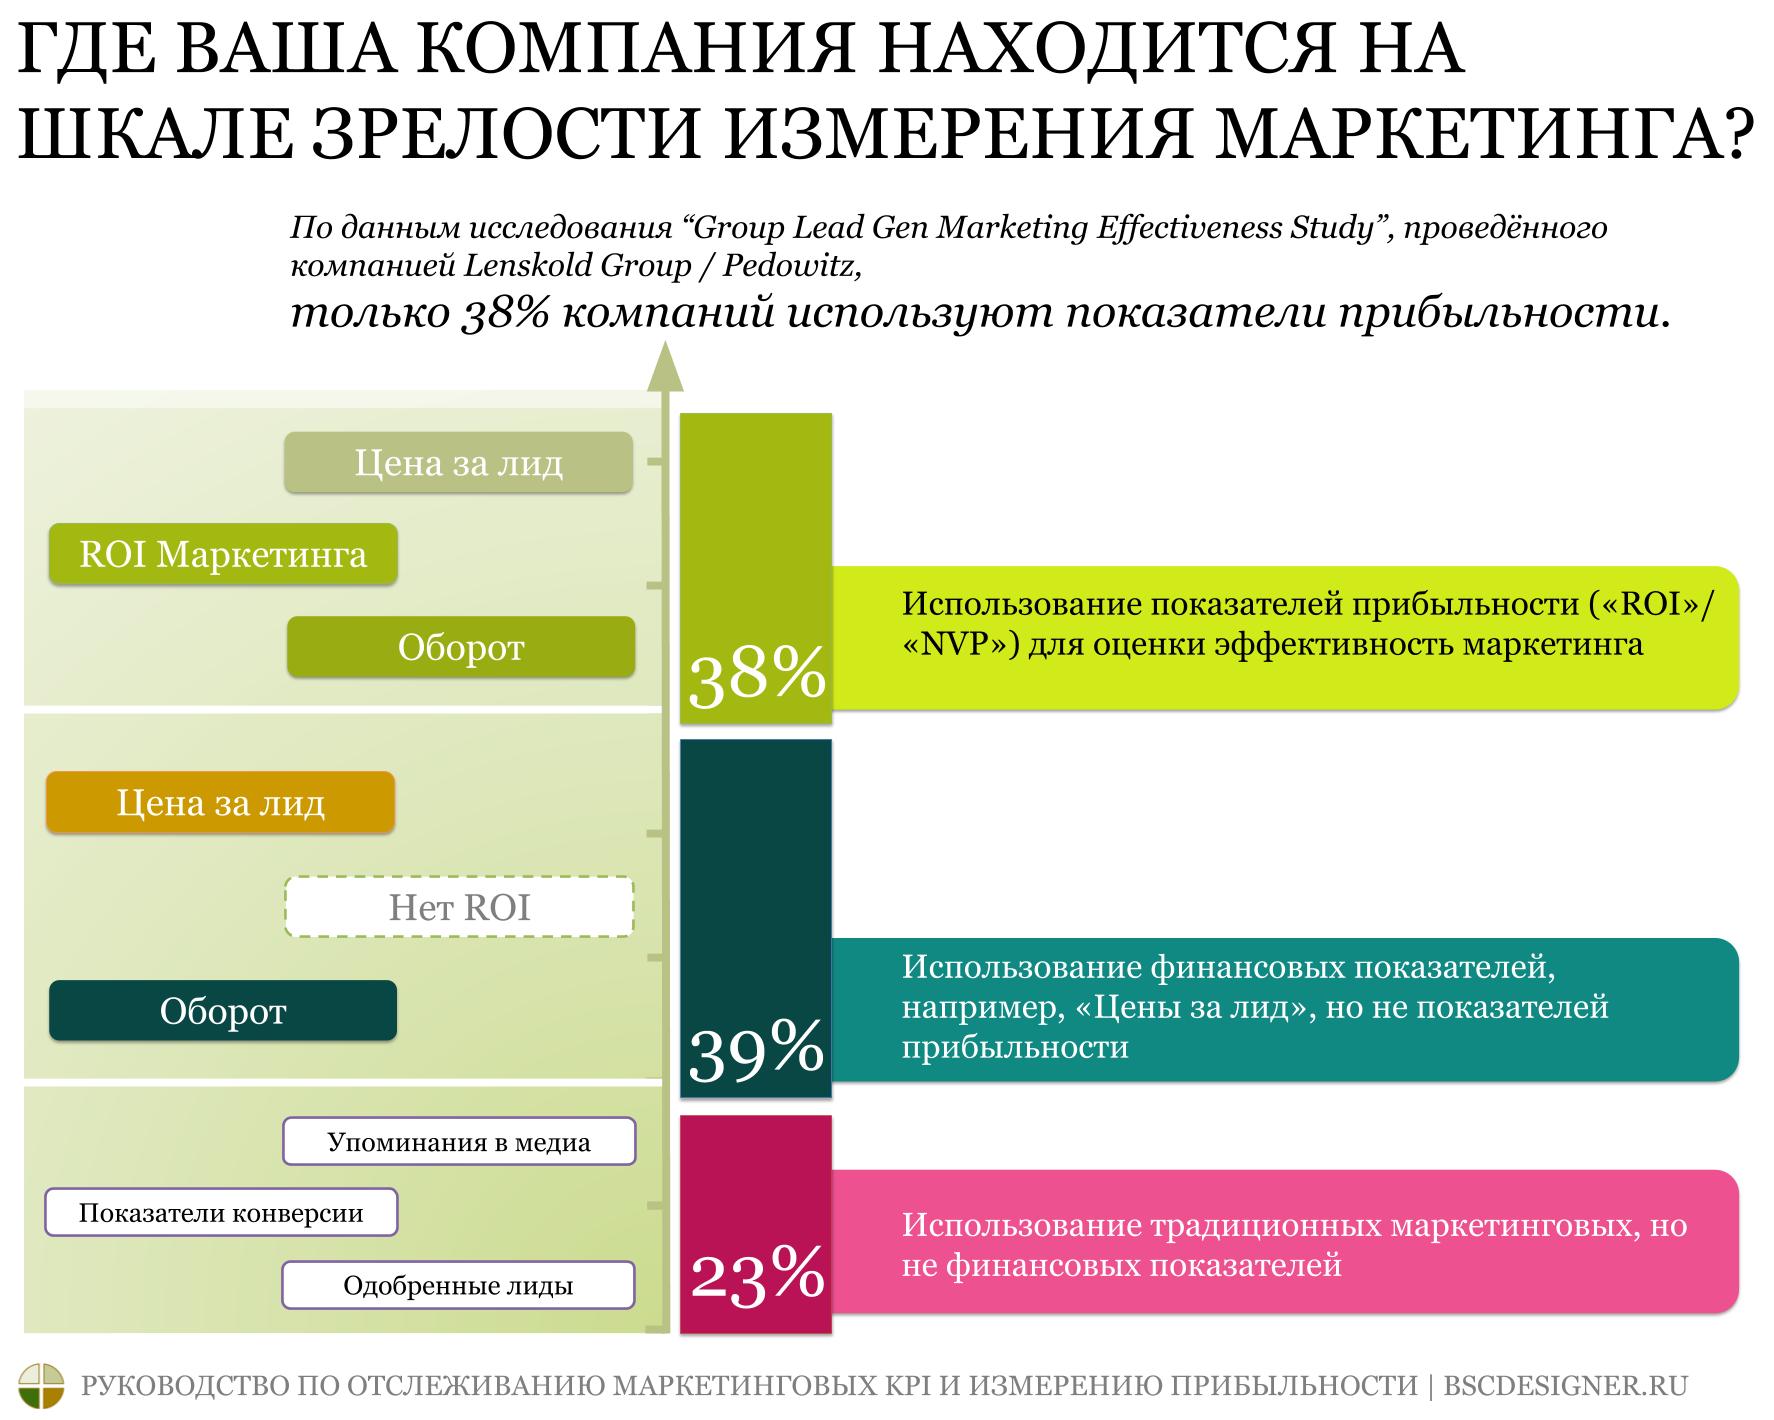 Различные KPI маркетинга в зависимости от зрелости компании